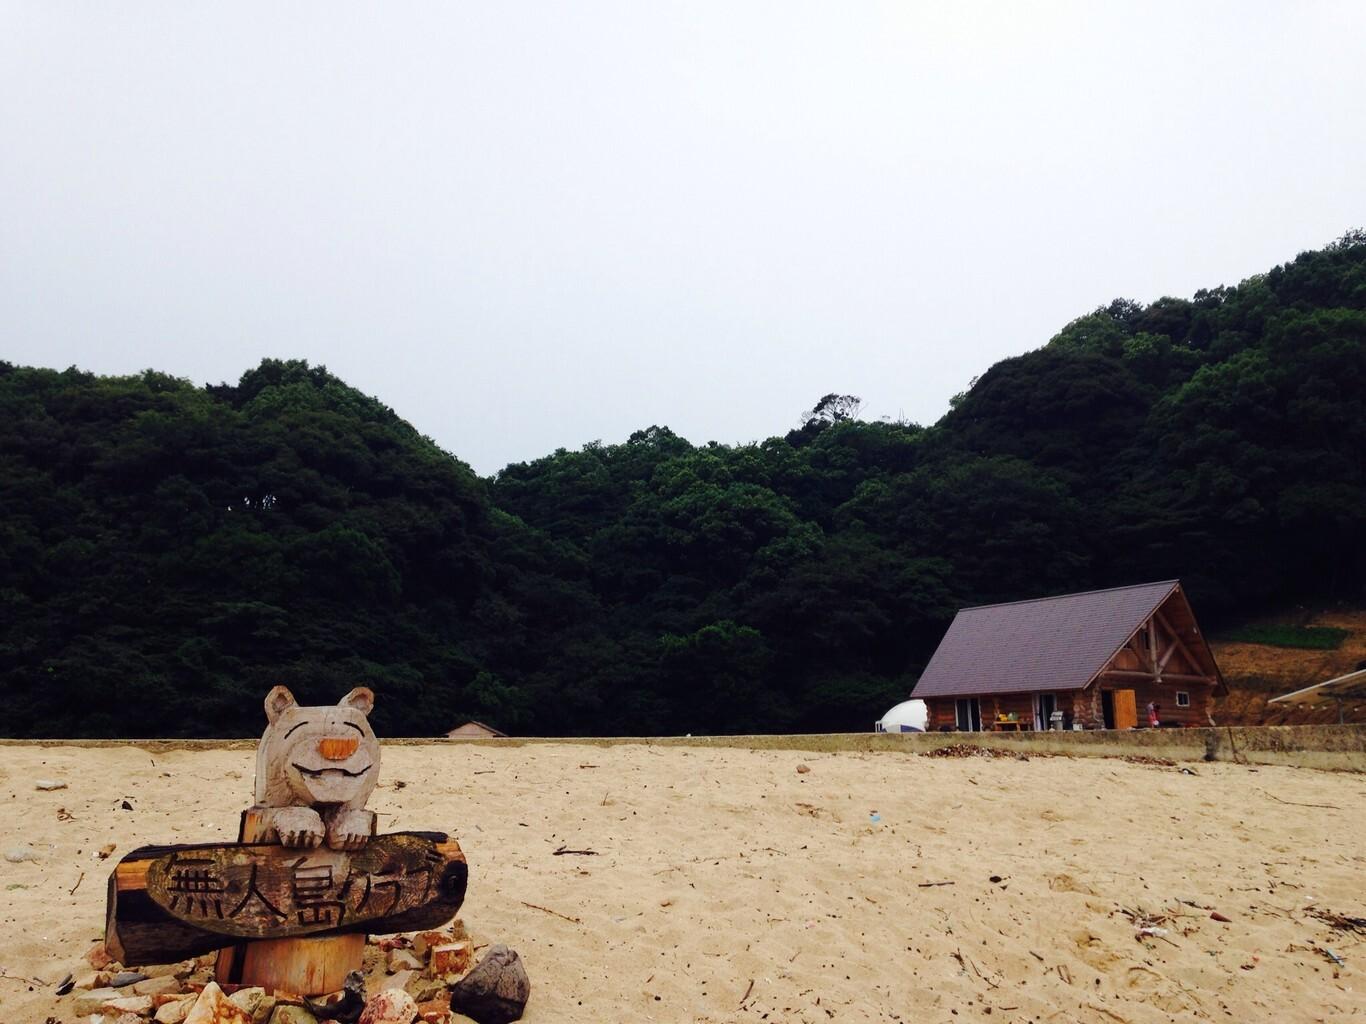 ありが島リゾート の写真p1413